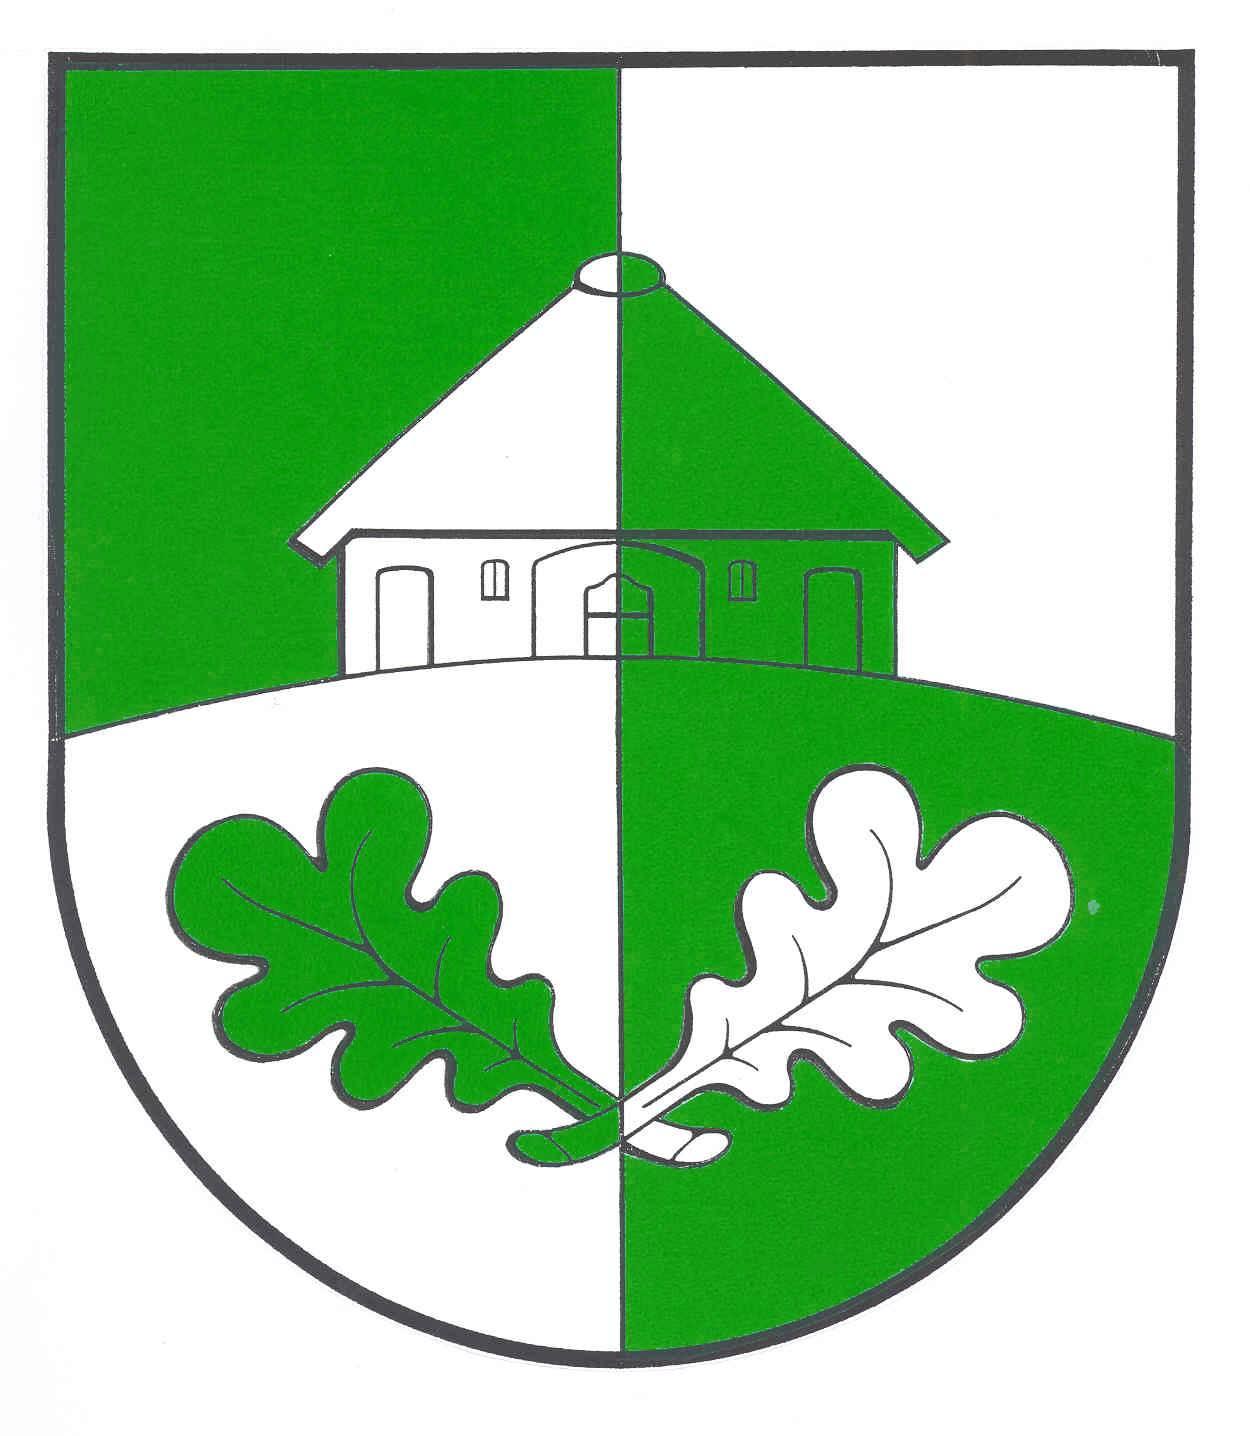 Wappen GemeindeStelle-Wittenwurth, Kreis Dithmarschen